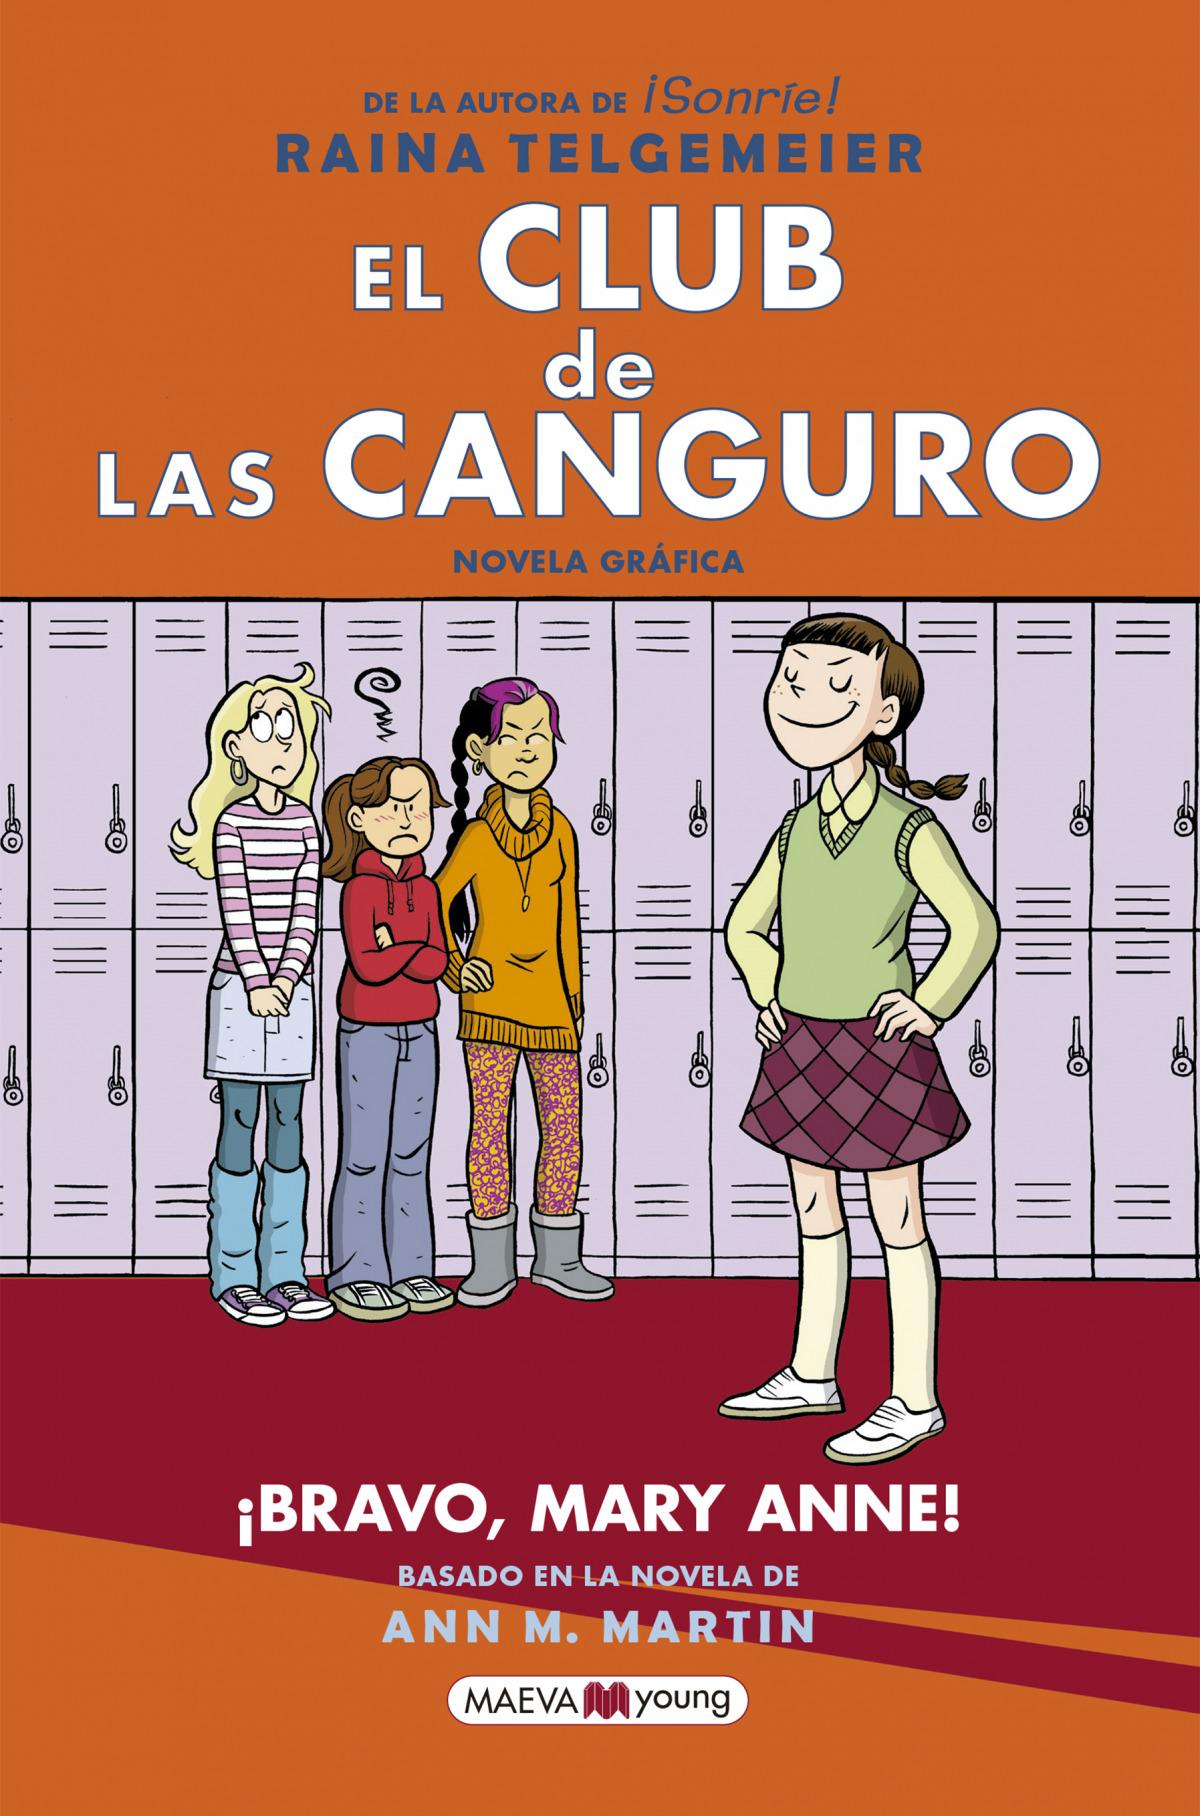 El Club de las Canguro: ¡Bravo, Mary Anne!